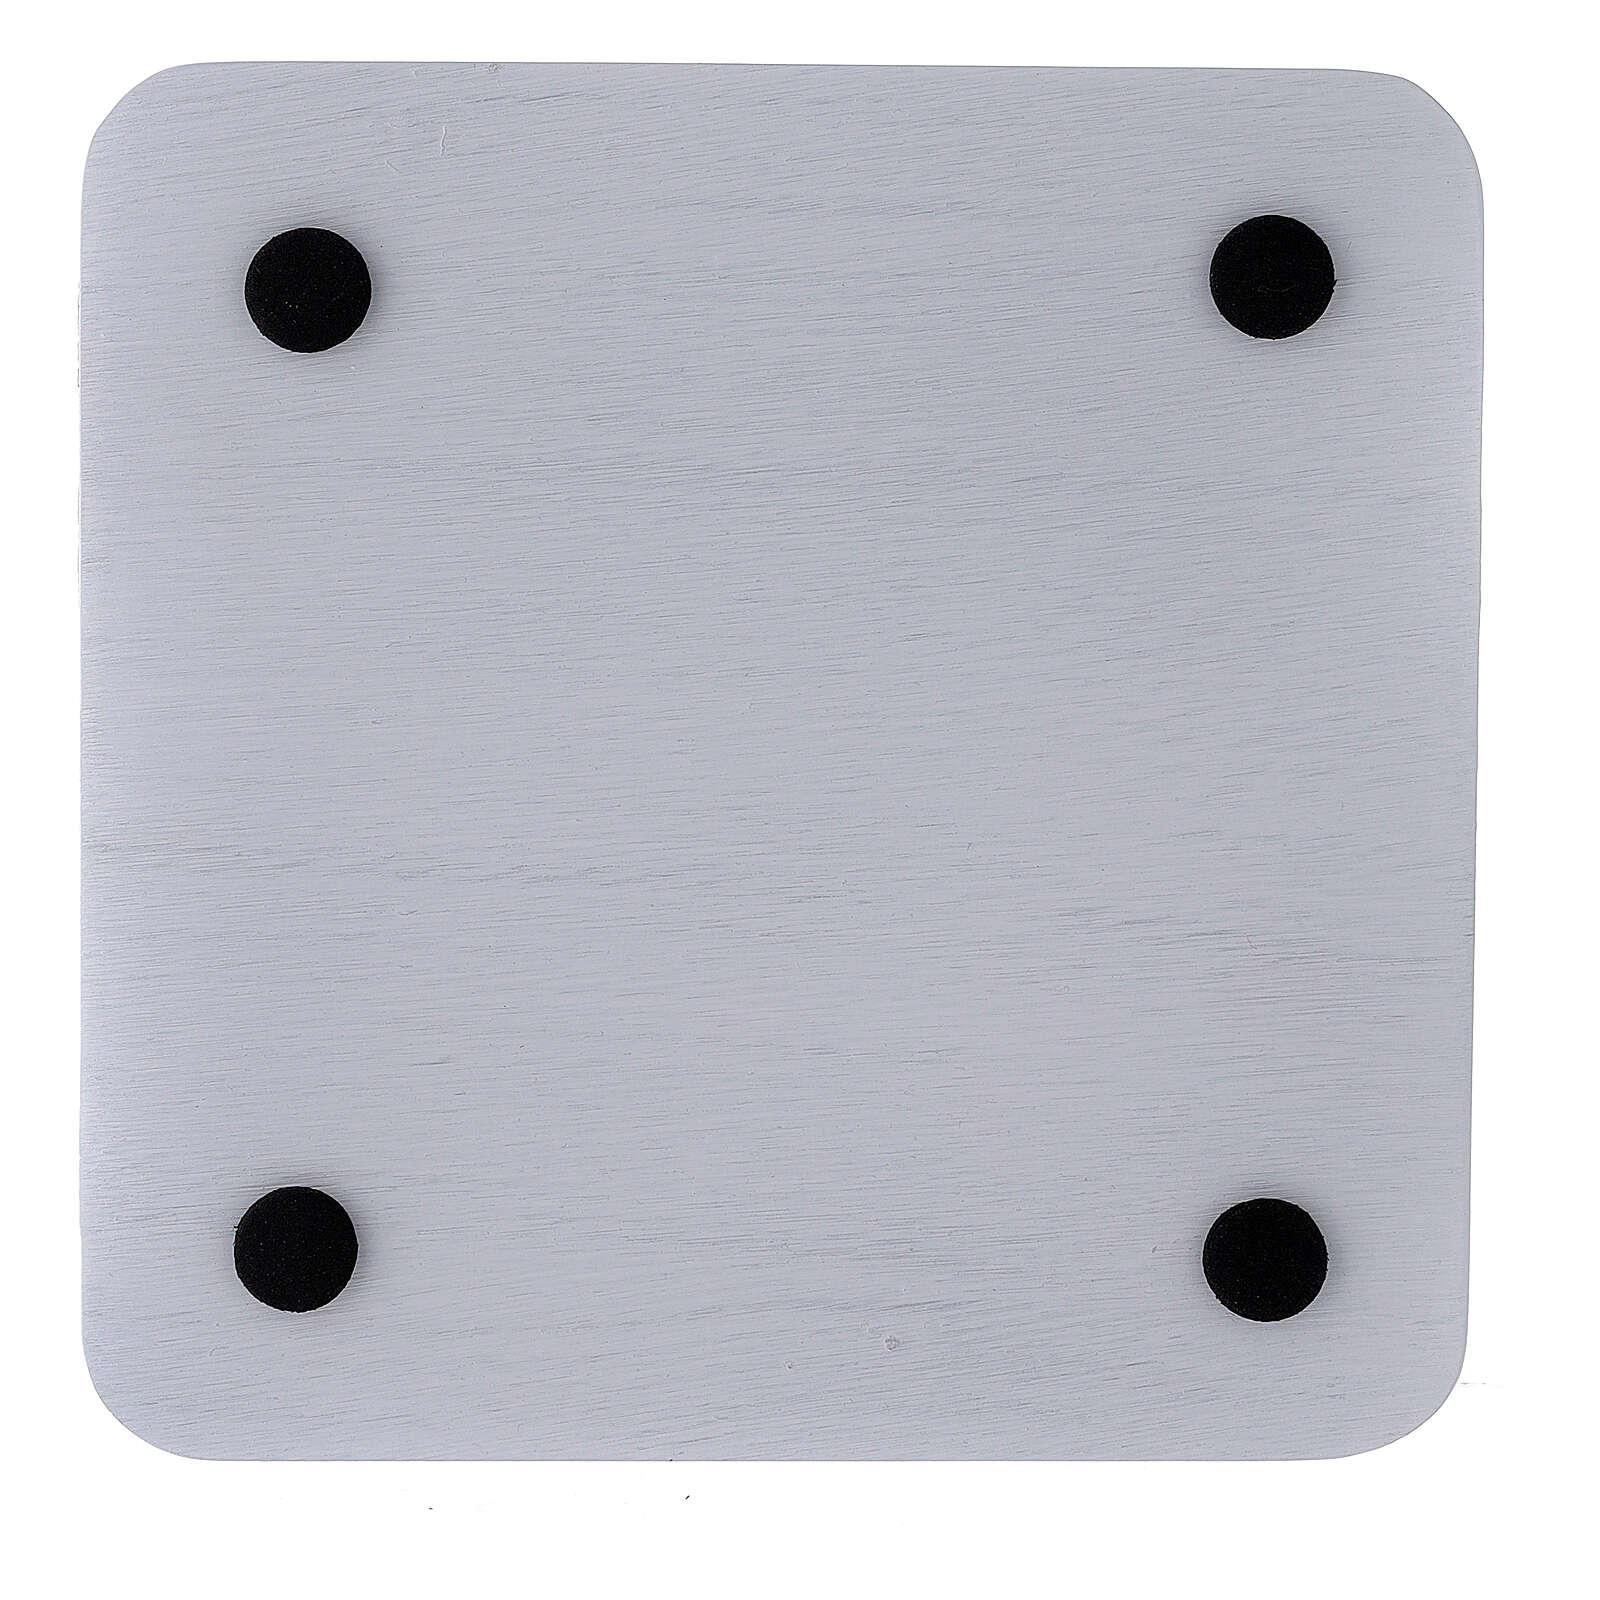 Prato porta-vela alumínio branco quadrado 14x14 cm 3